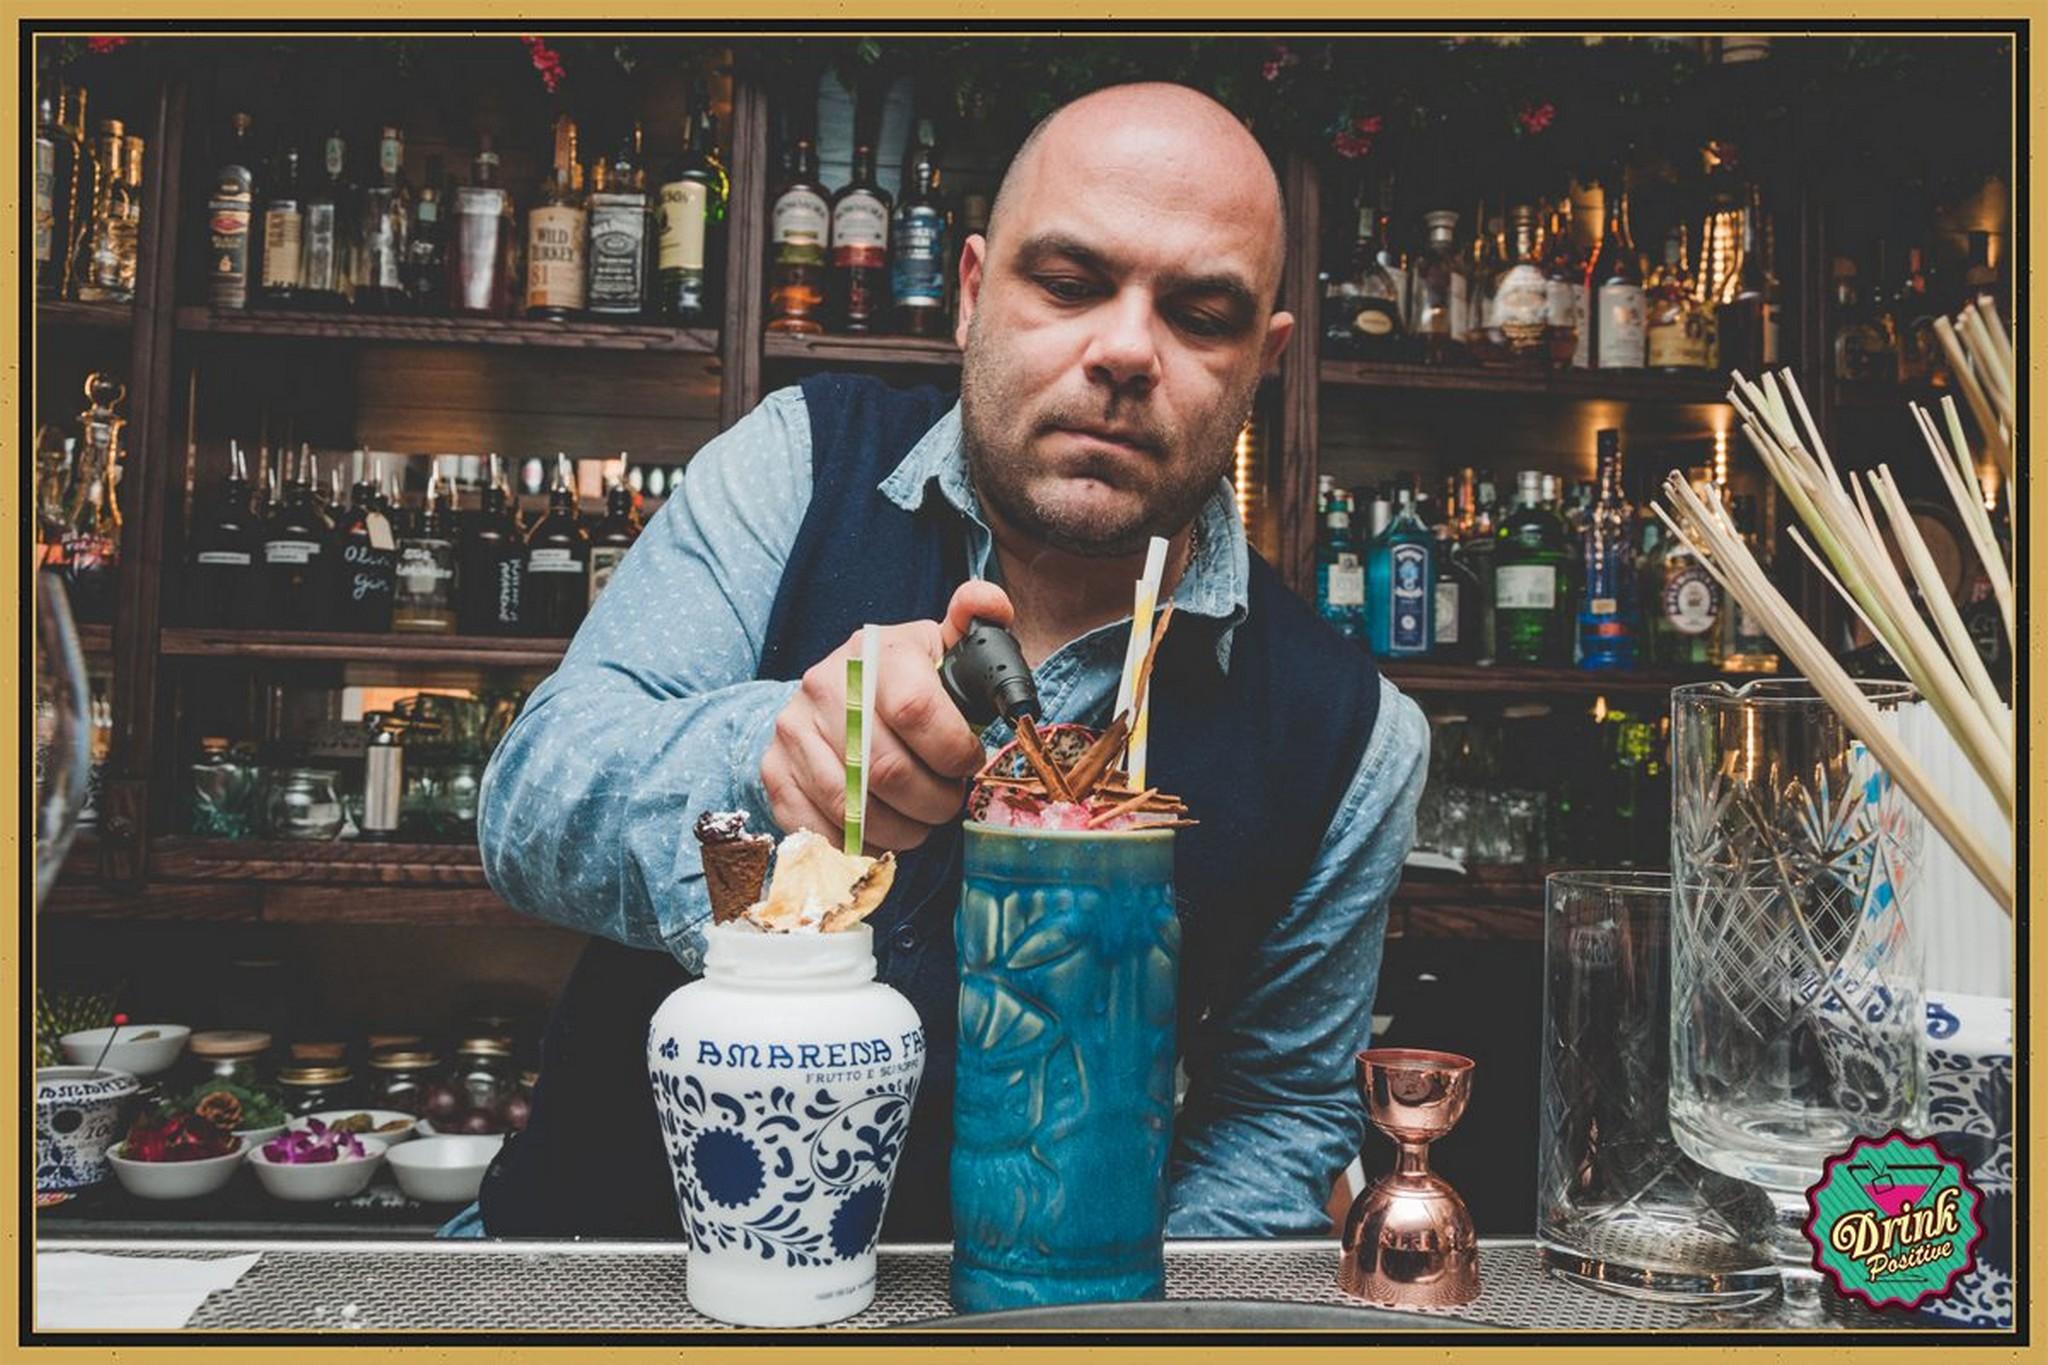 fabio_camboni_Gaeta_Drink_Positive_consulenze__apertura_locali_corsi_barman_185